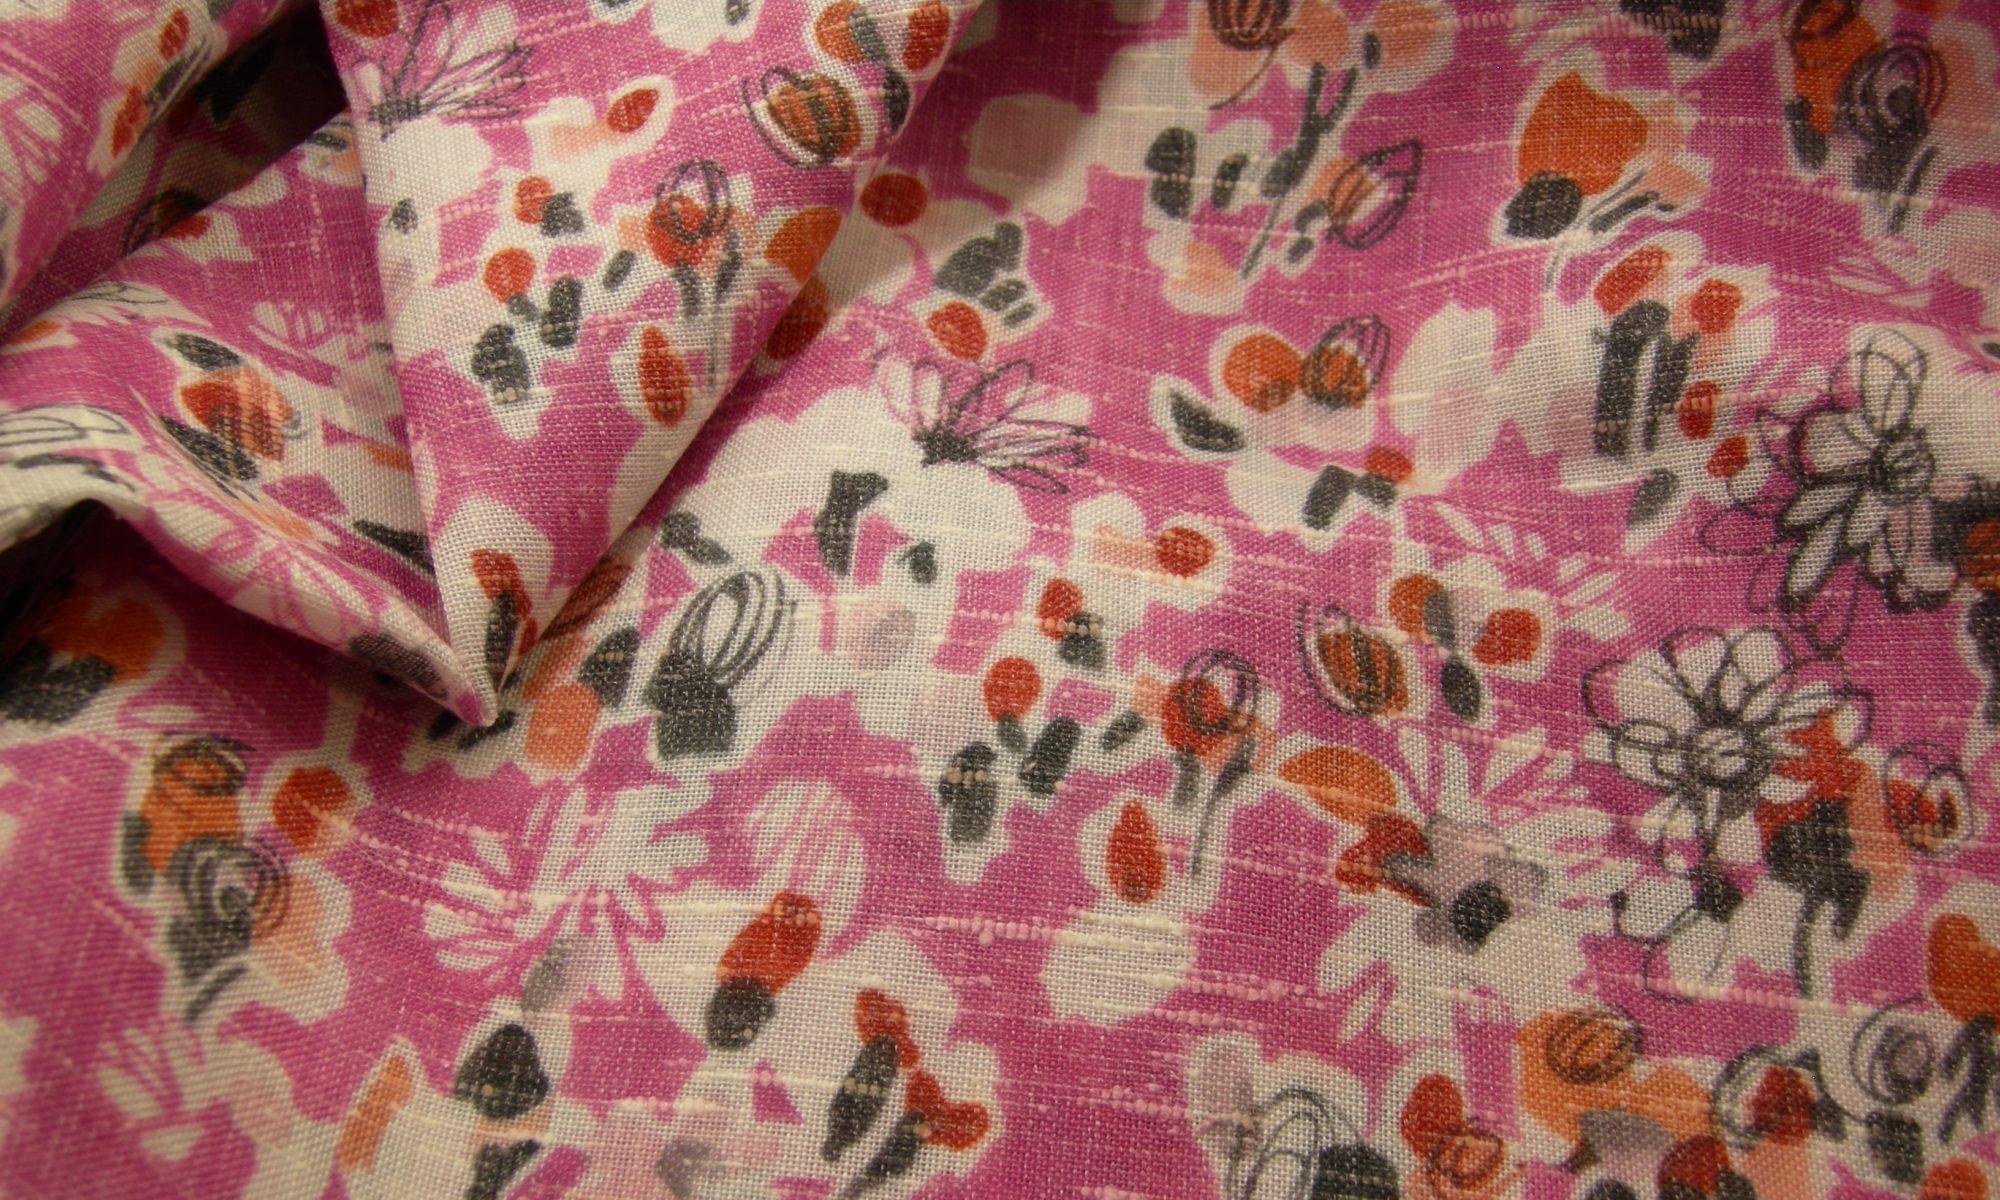 ART 7171 floral print silk linen blend shirt fabric WIDTH cm 163 WEIGHT gr 210 COMPOSITION 71Polyester 24Linen 5Silk - 100mts